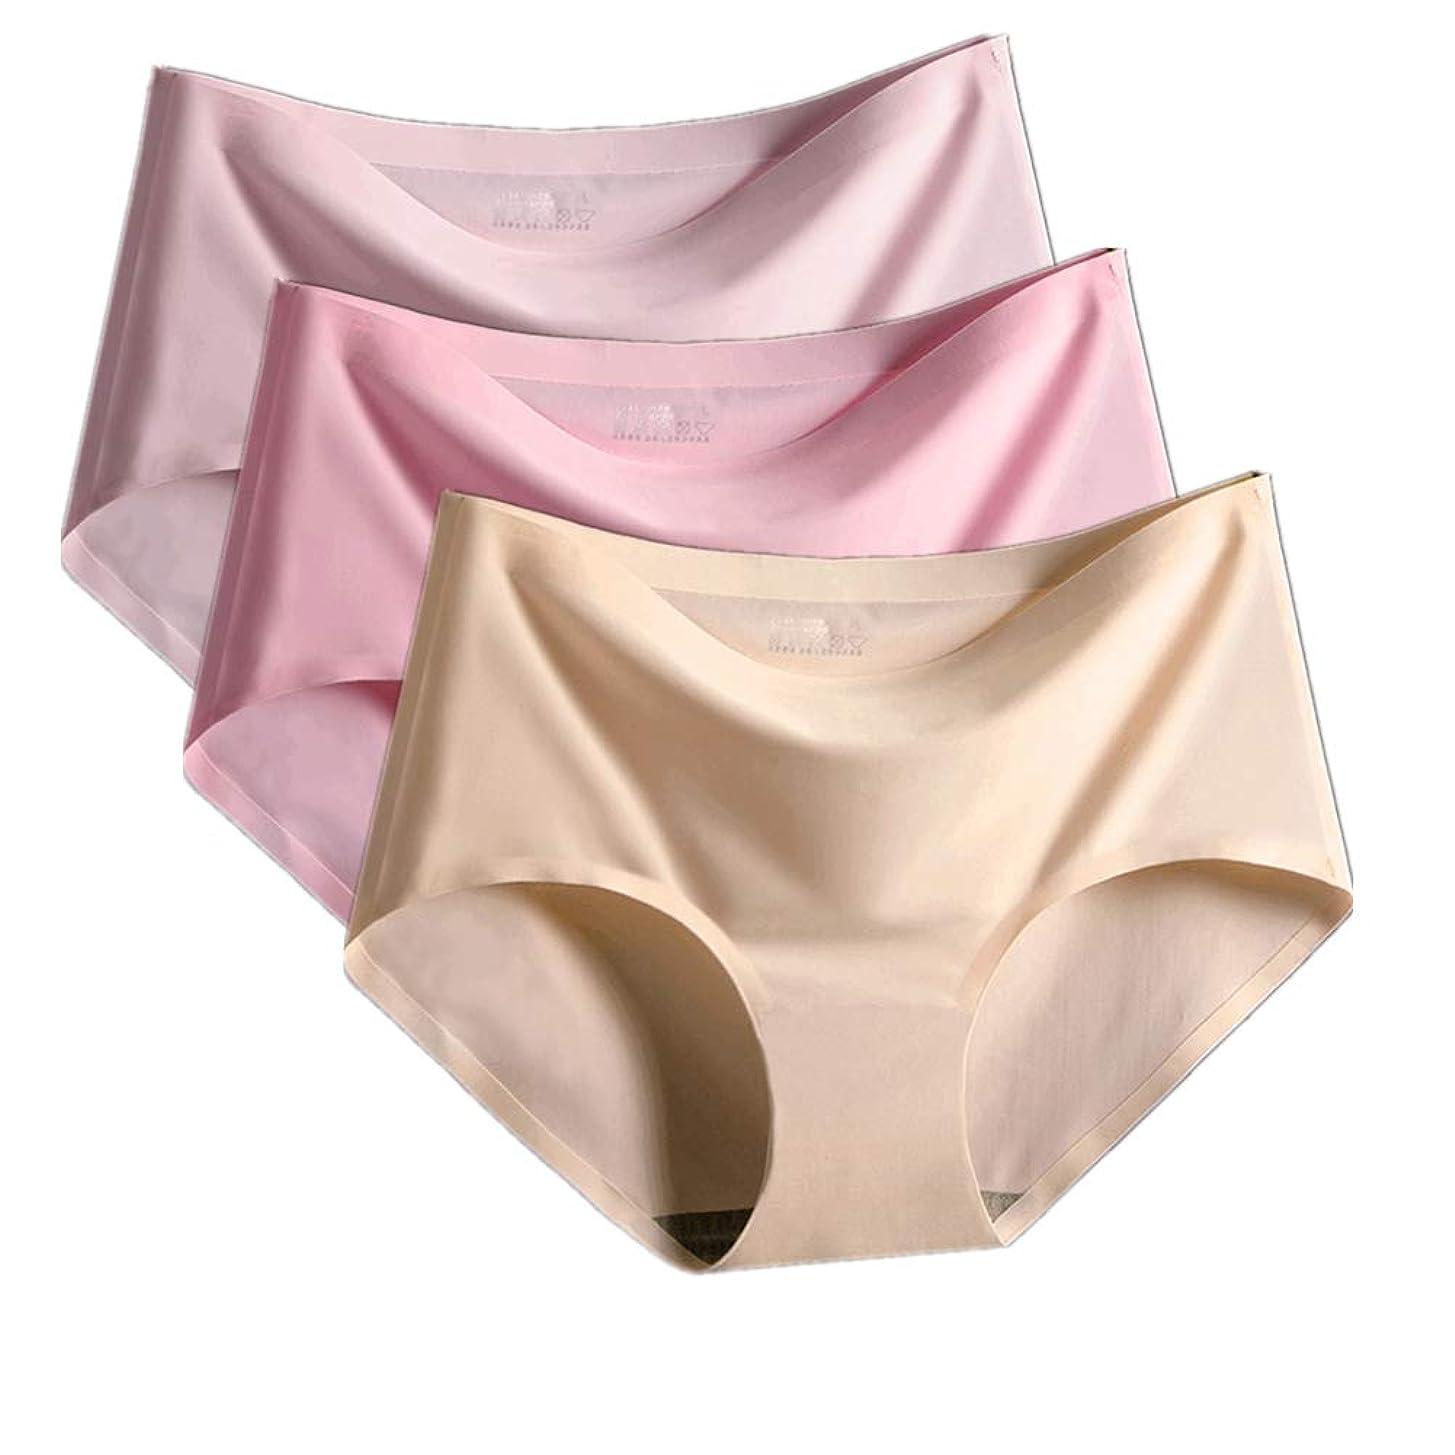 カエル援助する避難するシームレスショーツ レディース パンツ 下着 肌に優しい パンティ 無縫製 レギュラー 通気性【4枚セット/3枚セット】